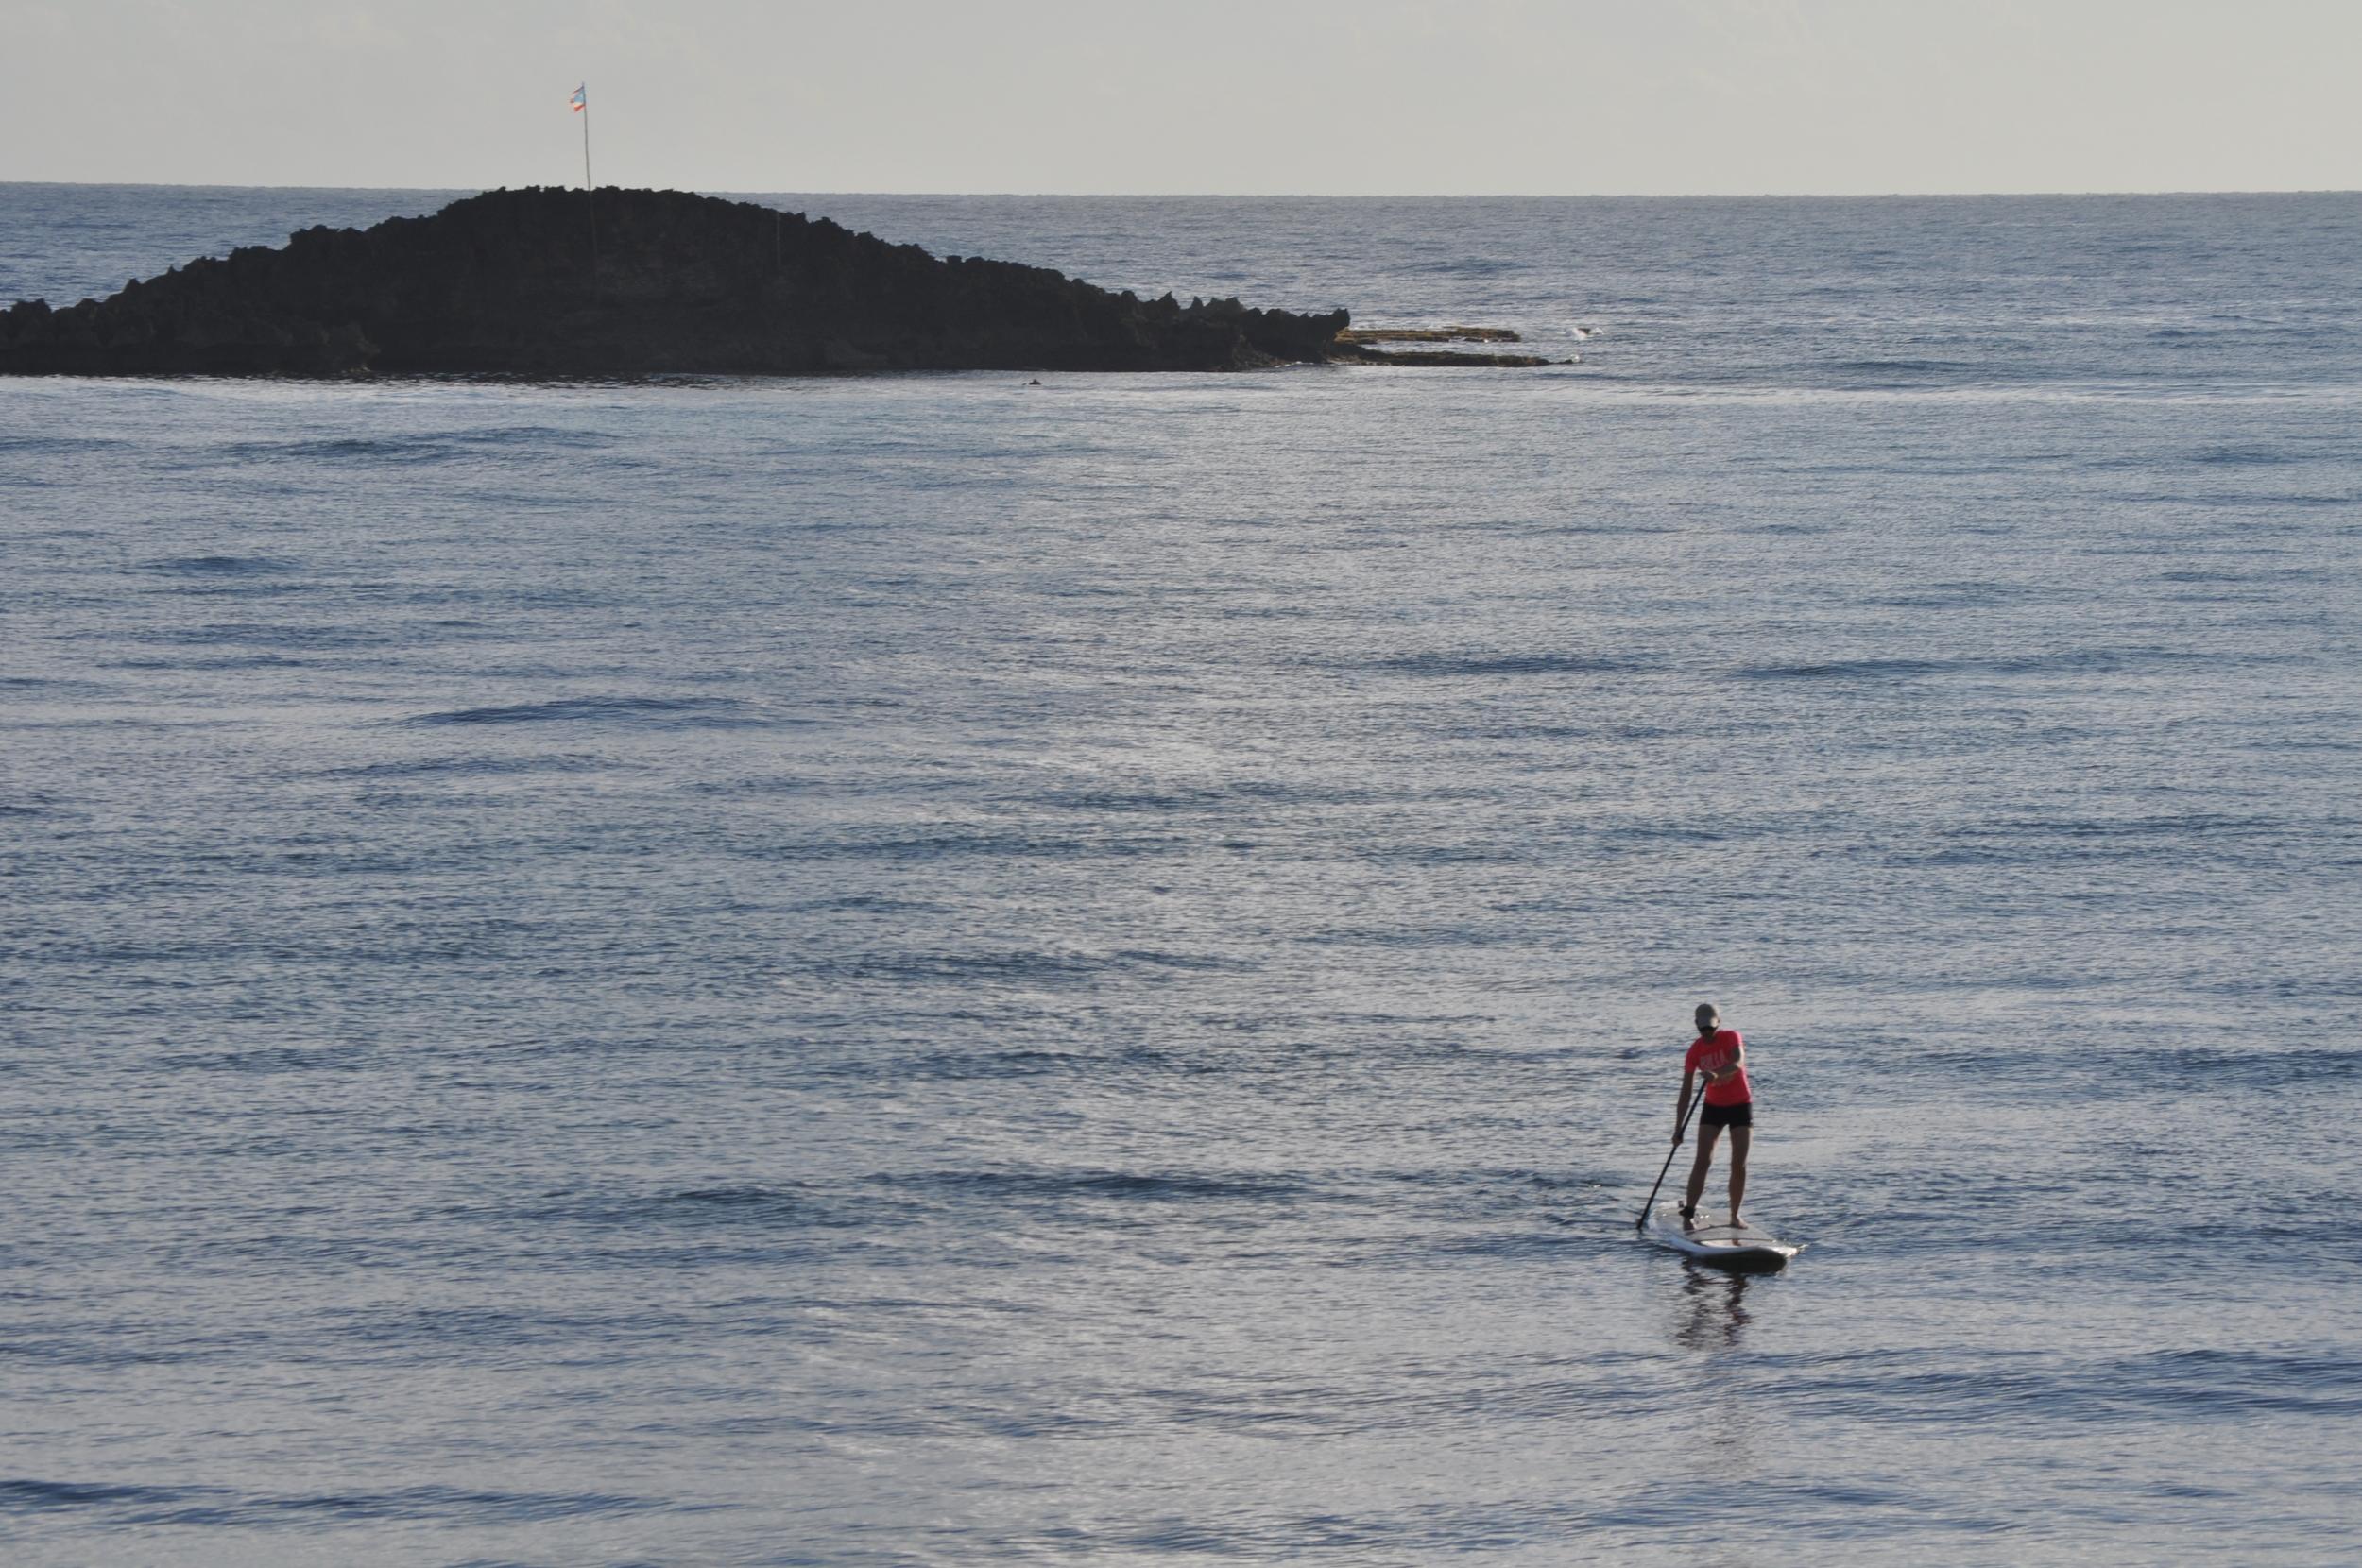 Durante casi todo el año, las mañanas son perfectas para hacer SUP en esta playa, casi bahía, en Puerto Nuevo. Desde la carretera #2 accedes la 686 para llegar hasta el balneario.Foto: Javier Vélez Arocho